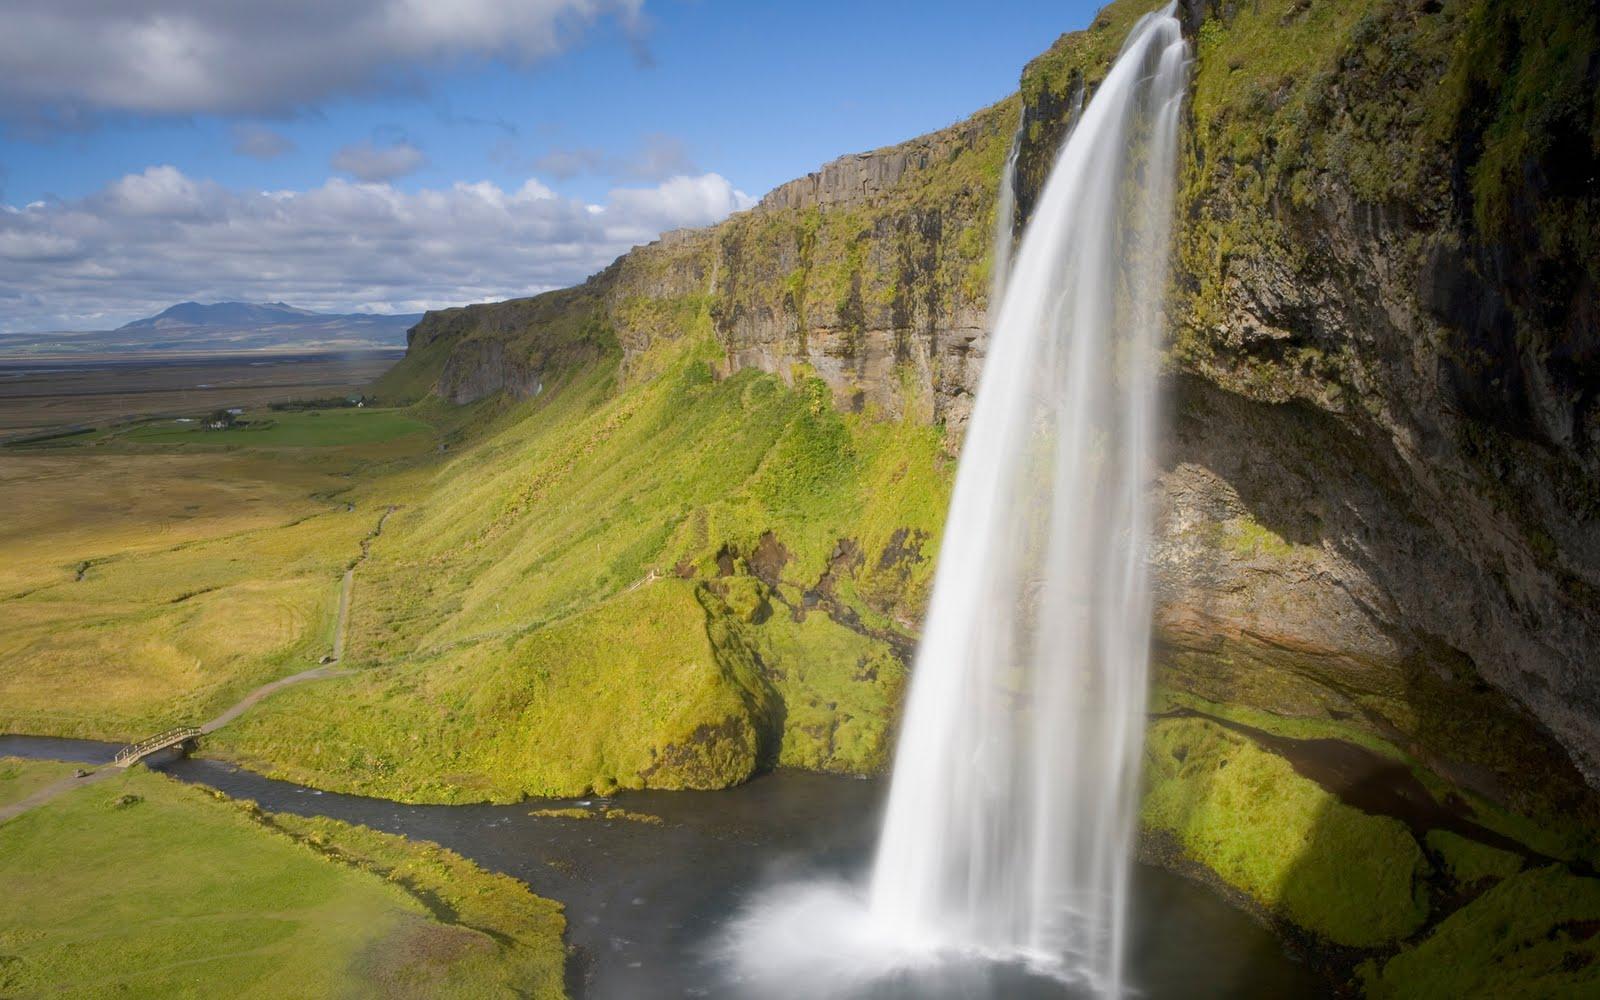 http://1.bp.blogspot.com/-ar0C0qL_40Y/ThF_An6O65I/AAAAAAAAAgk/Mjpwao9VErA/s1600/Seljalandsfoss_Falls.jpg